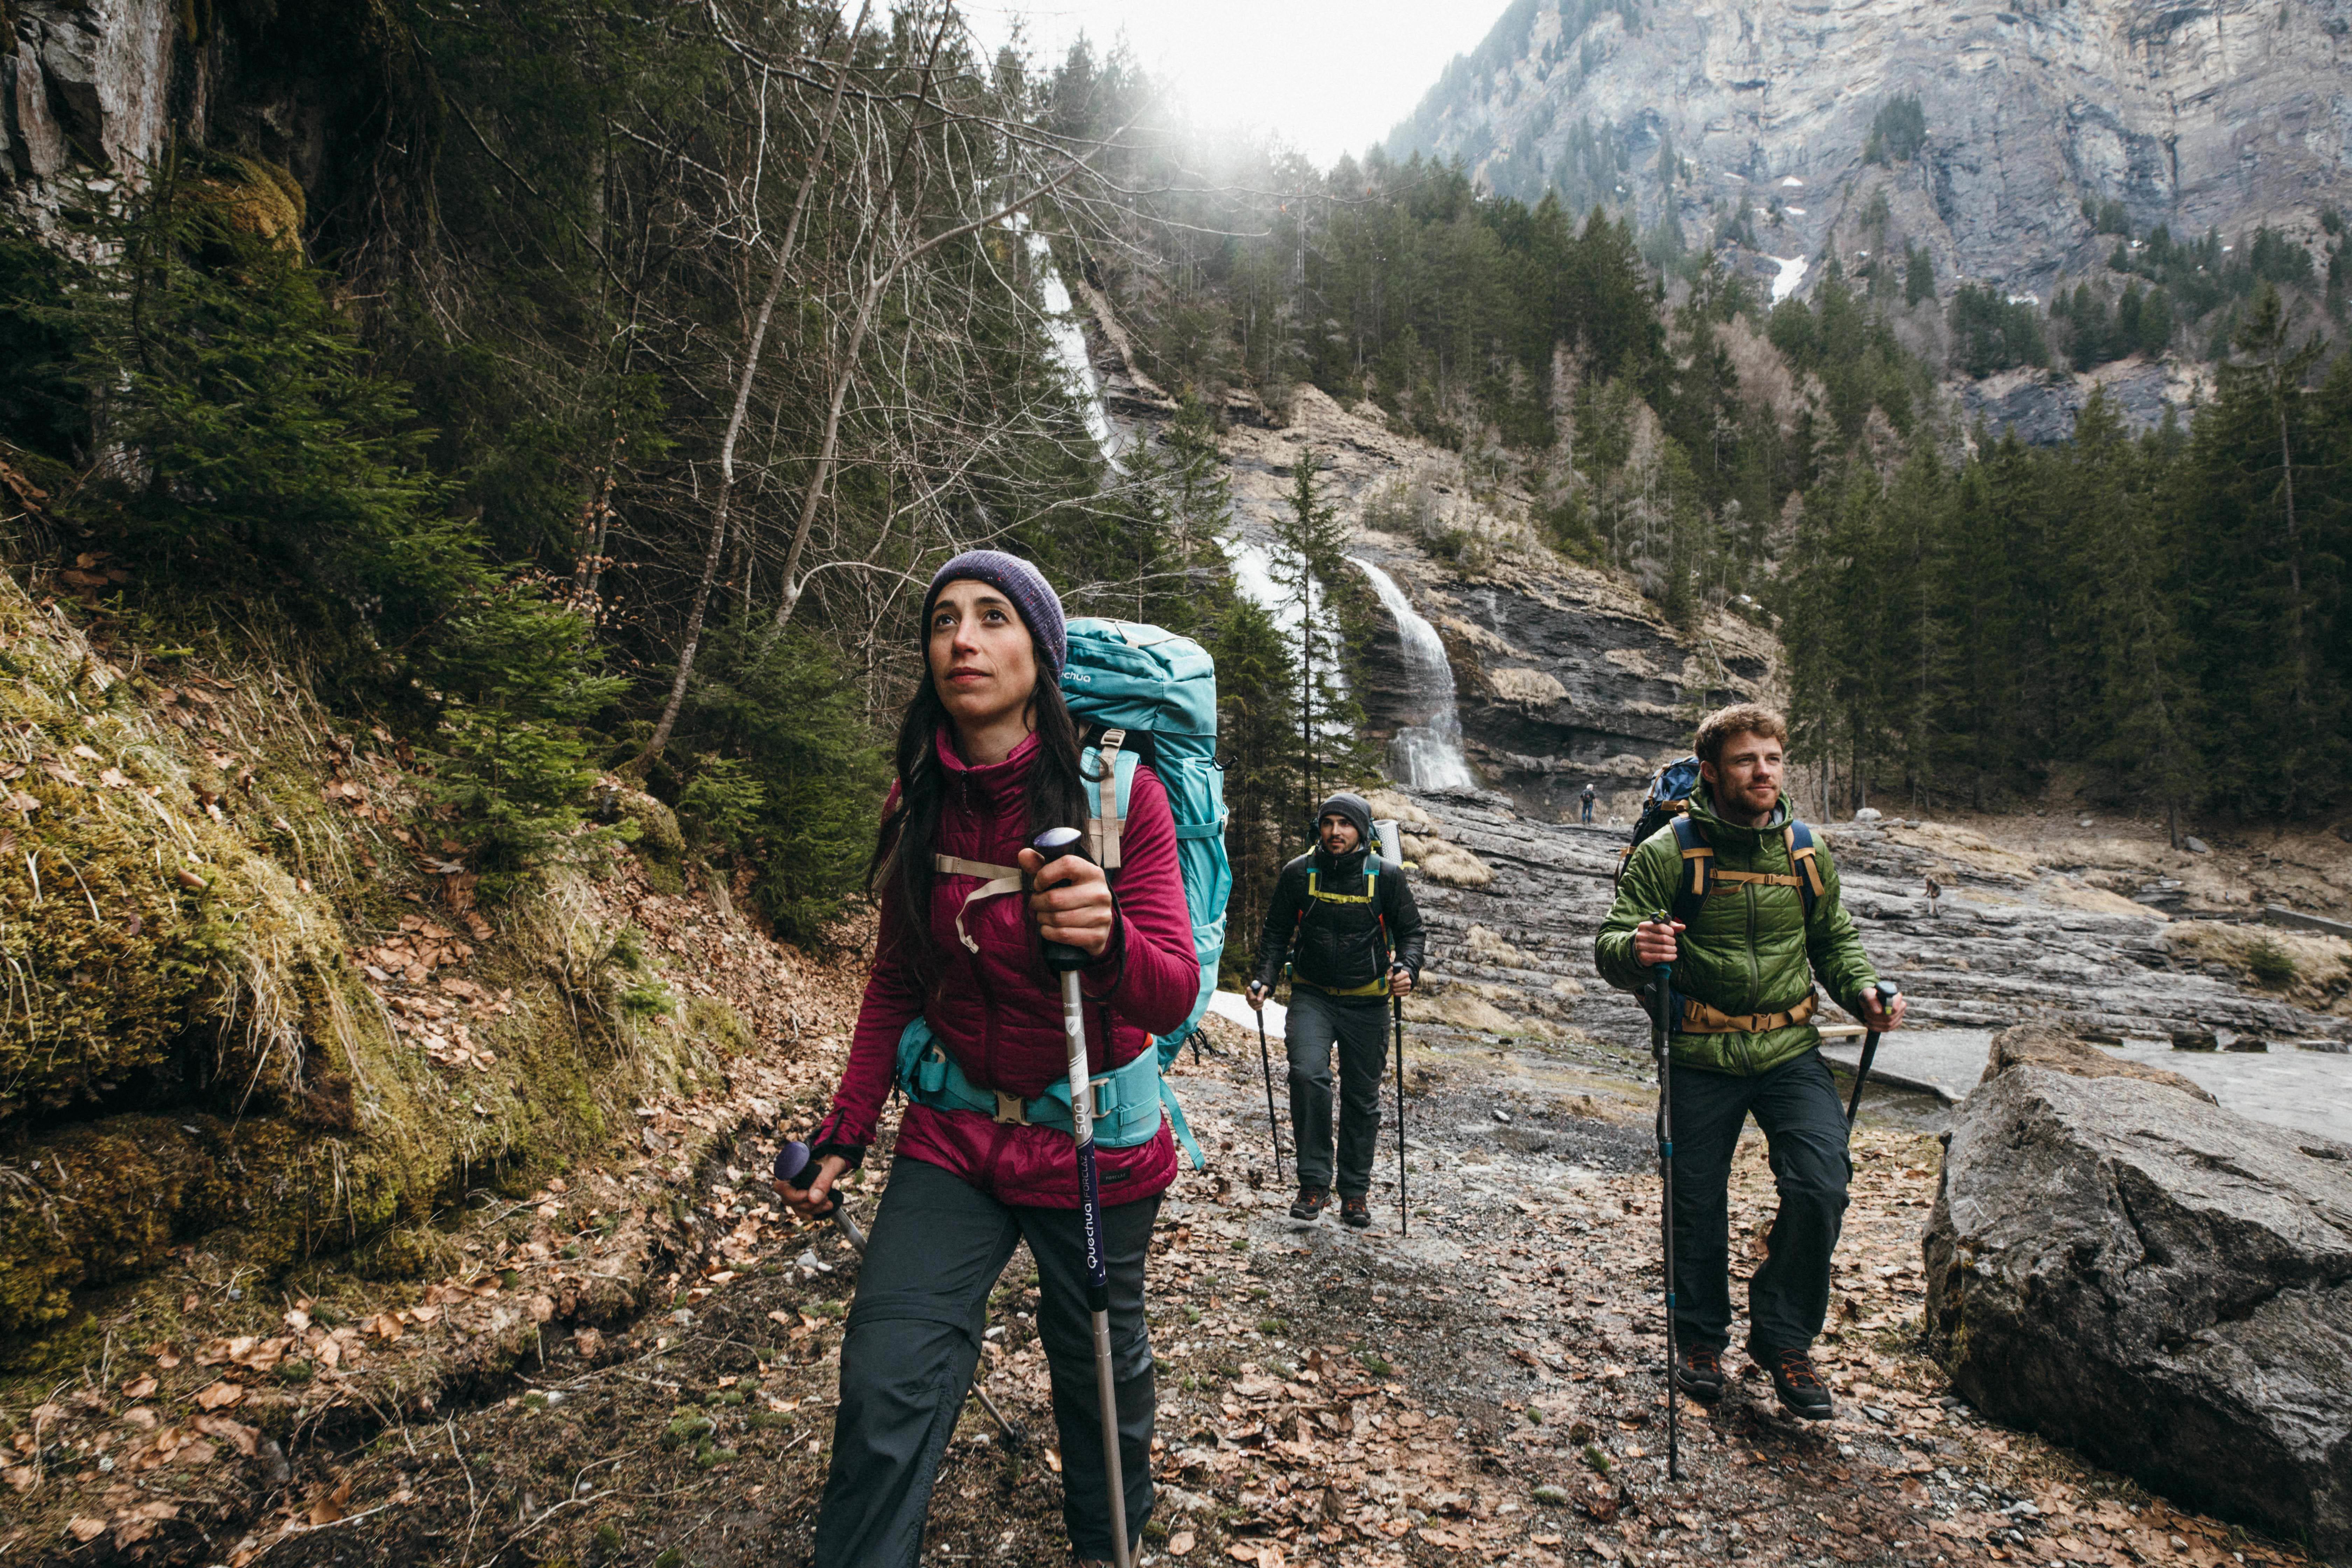 1539820e6b97 Chaleco acolchado trekking en montaña TREK 100 mujer negro - Decathlon